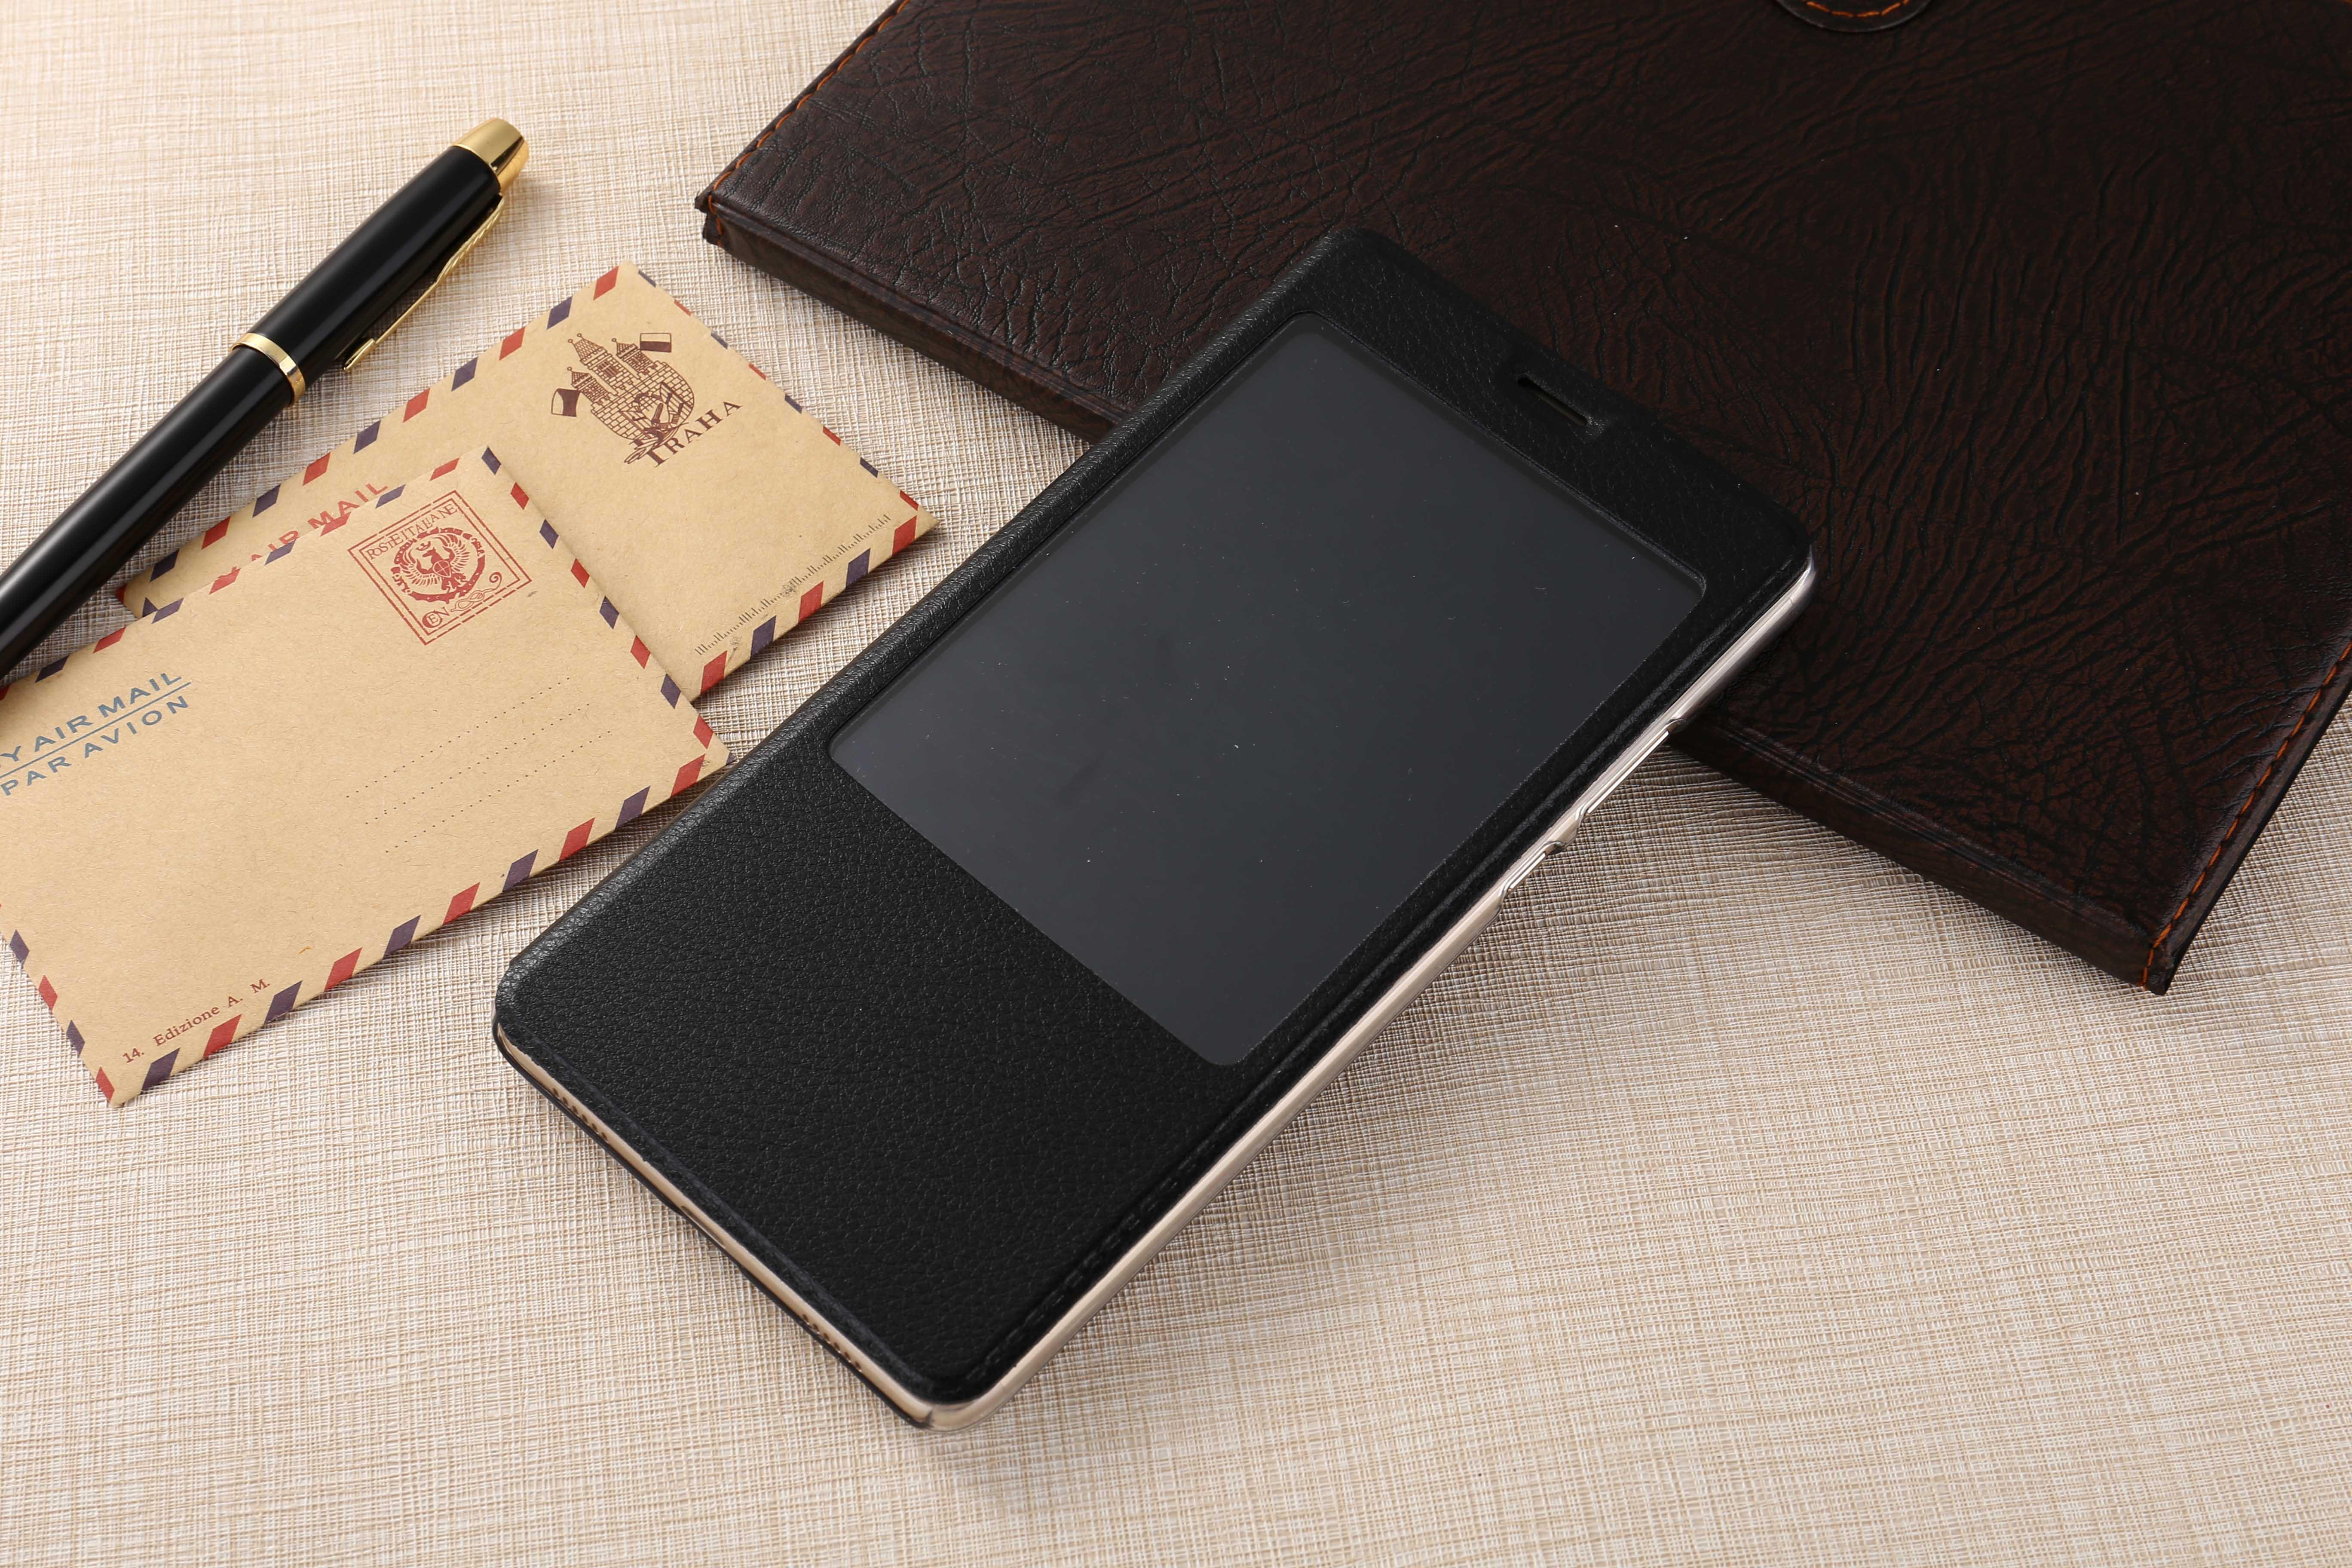 华为荣耀note8手机智能皮套荣耀note8休眠手机壳带支架功能唤醒